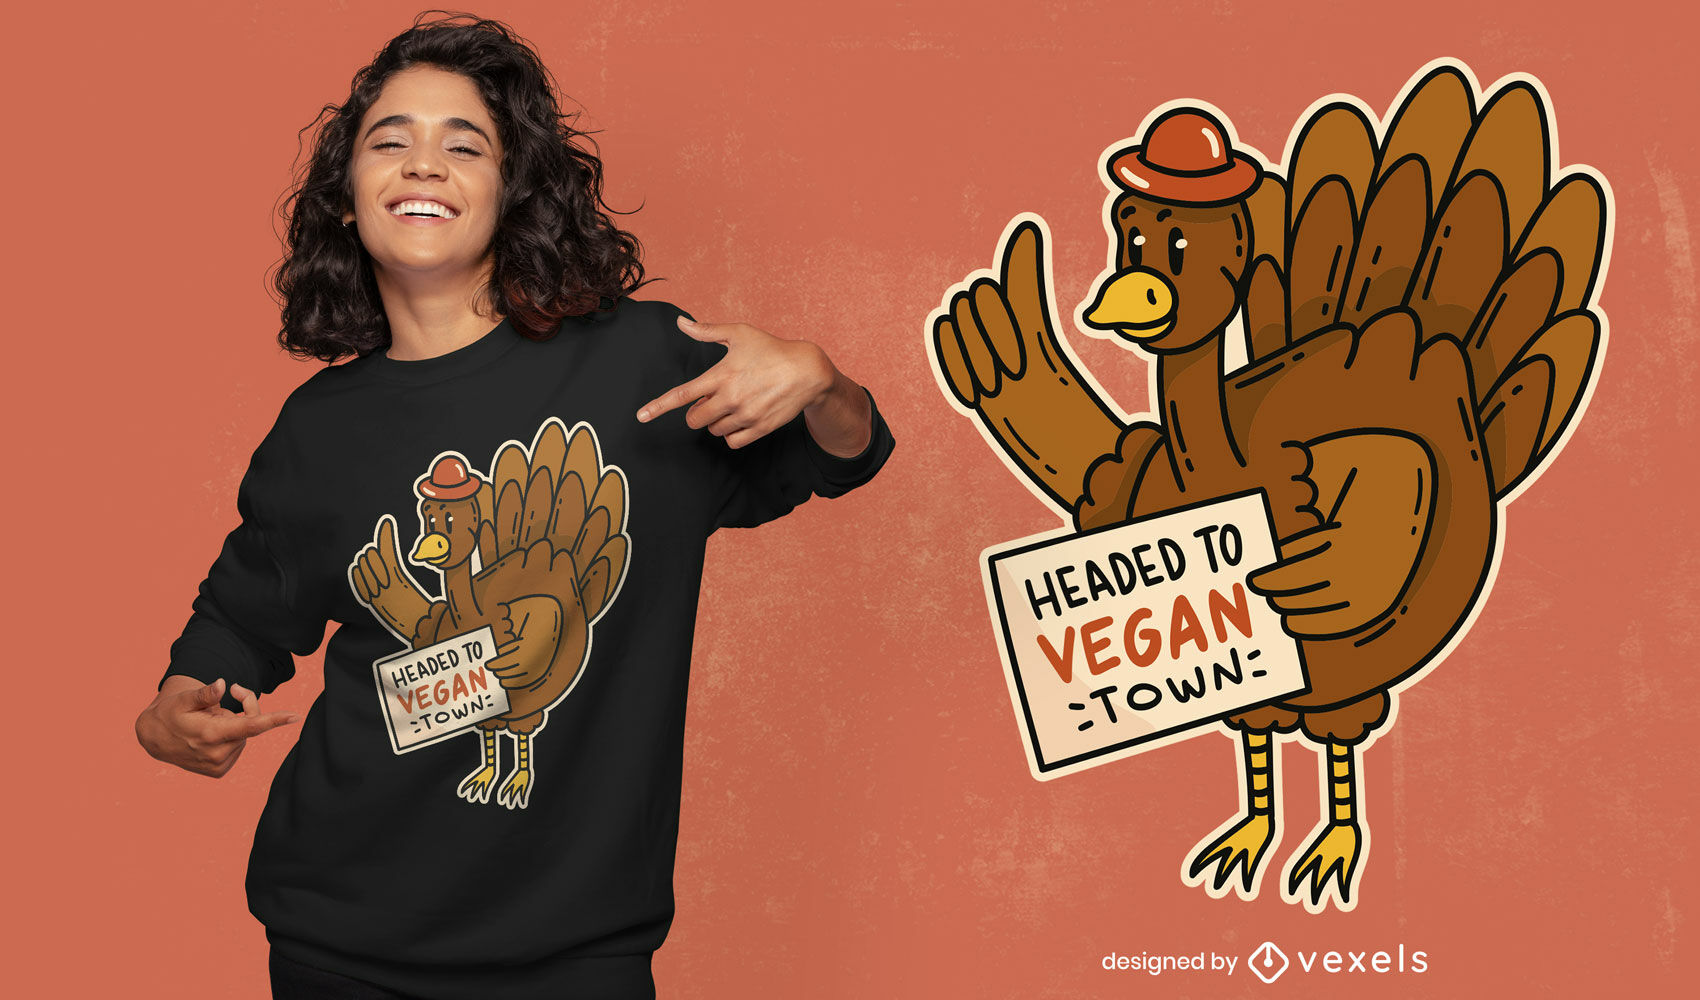 Design de t-shirt de peru de cidade vegana legal